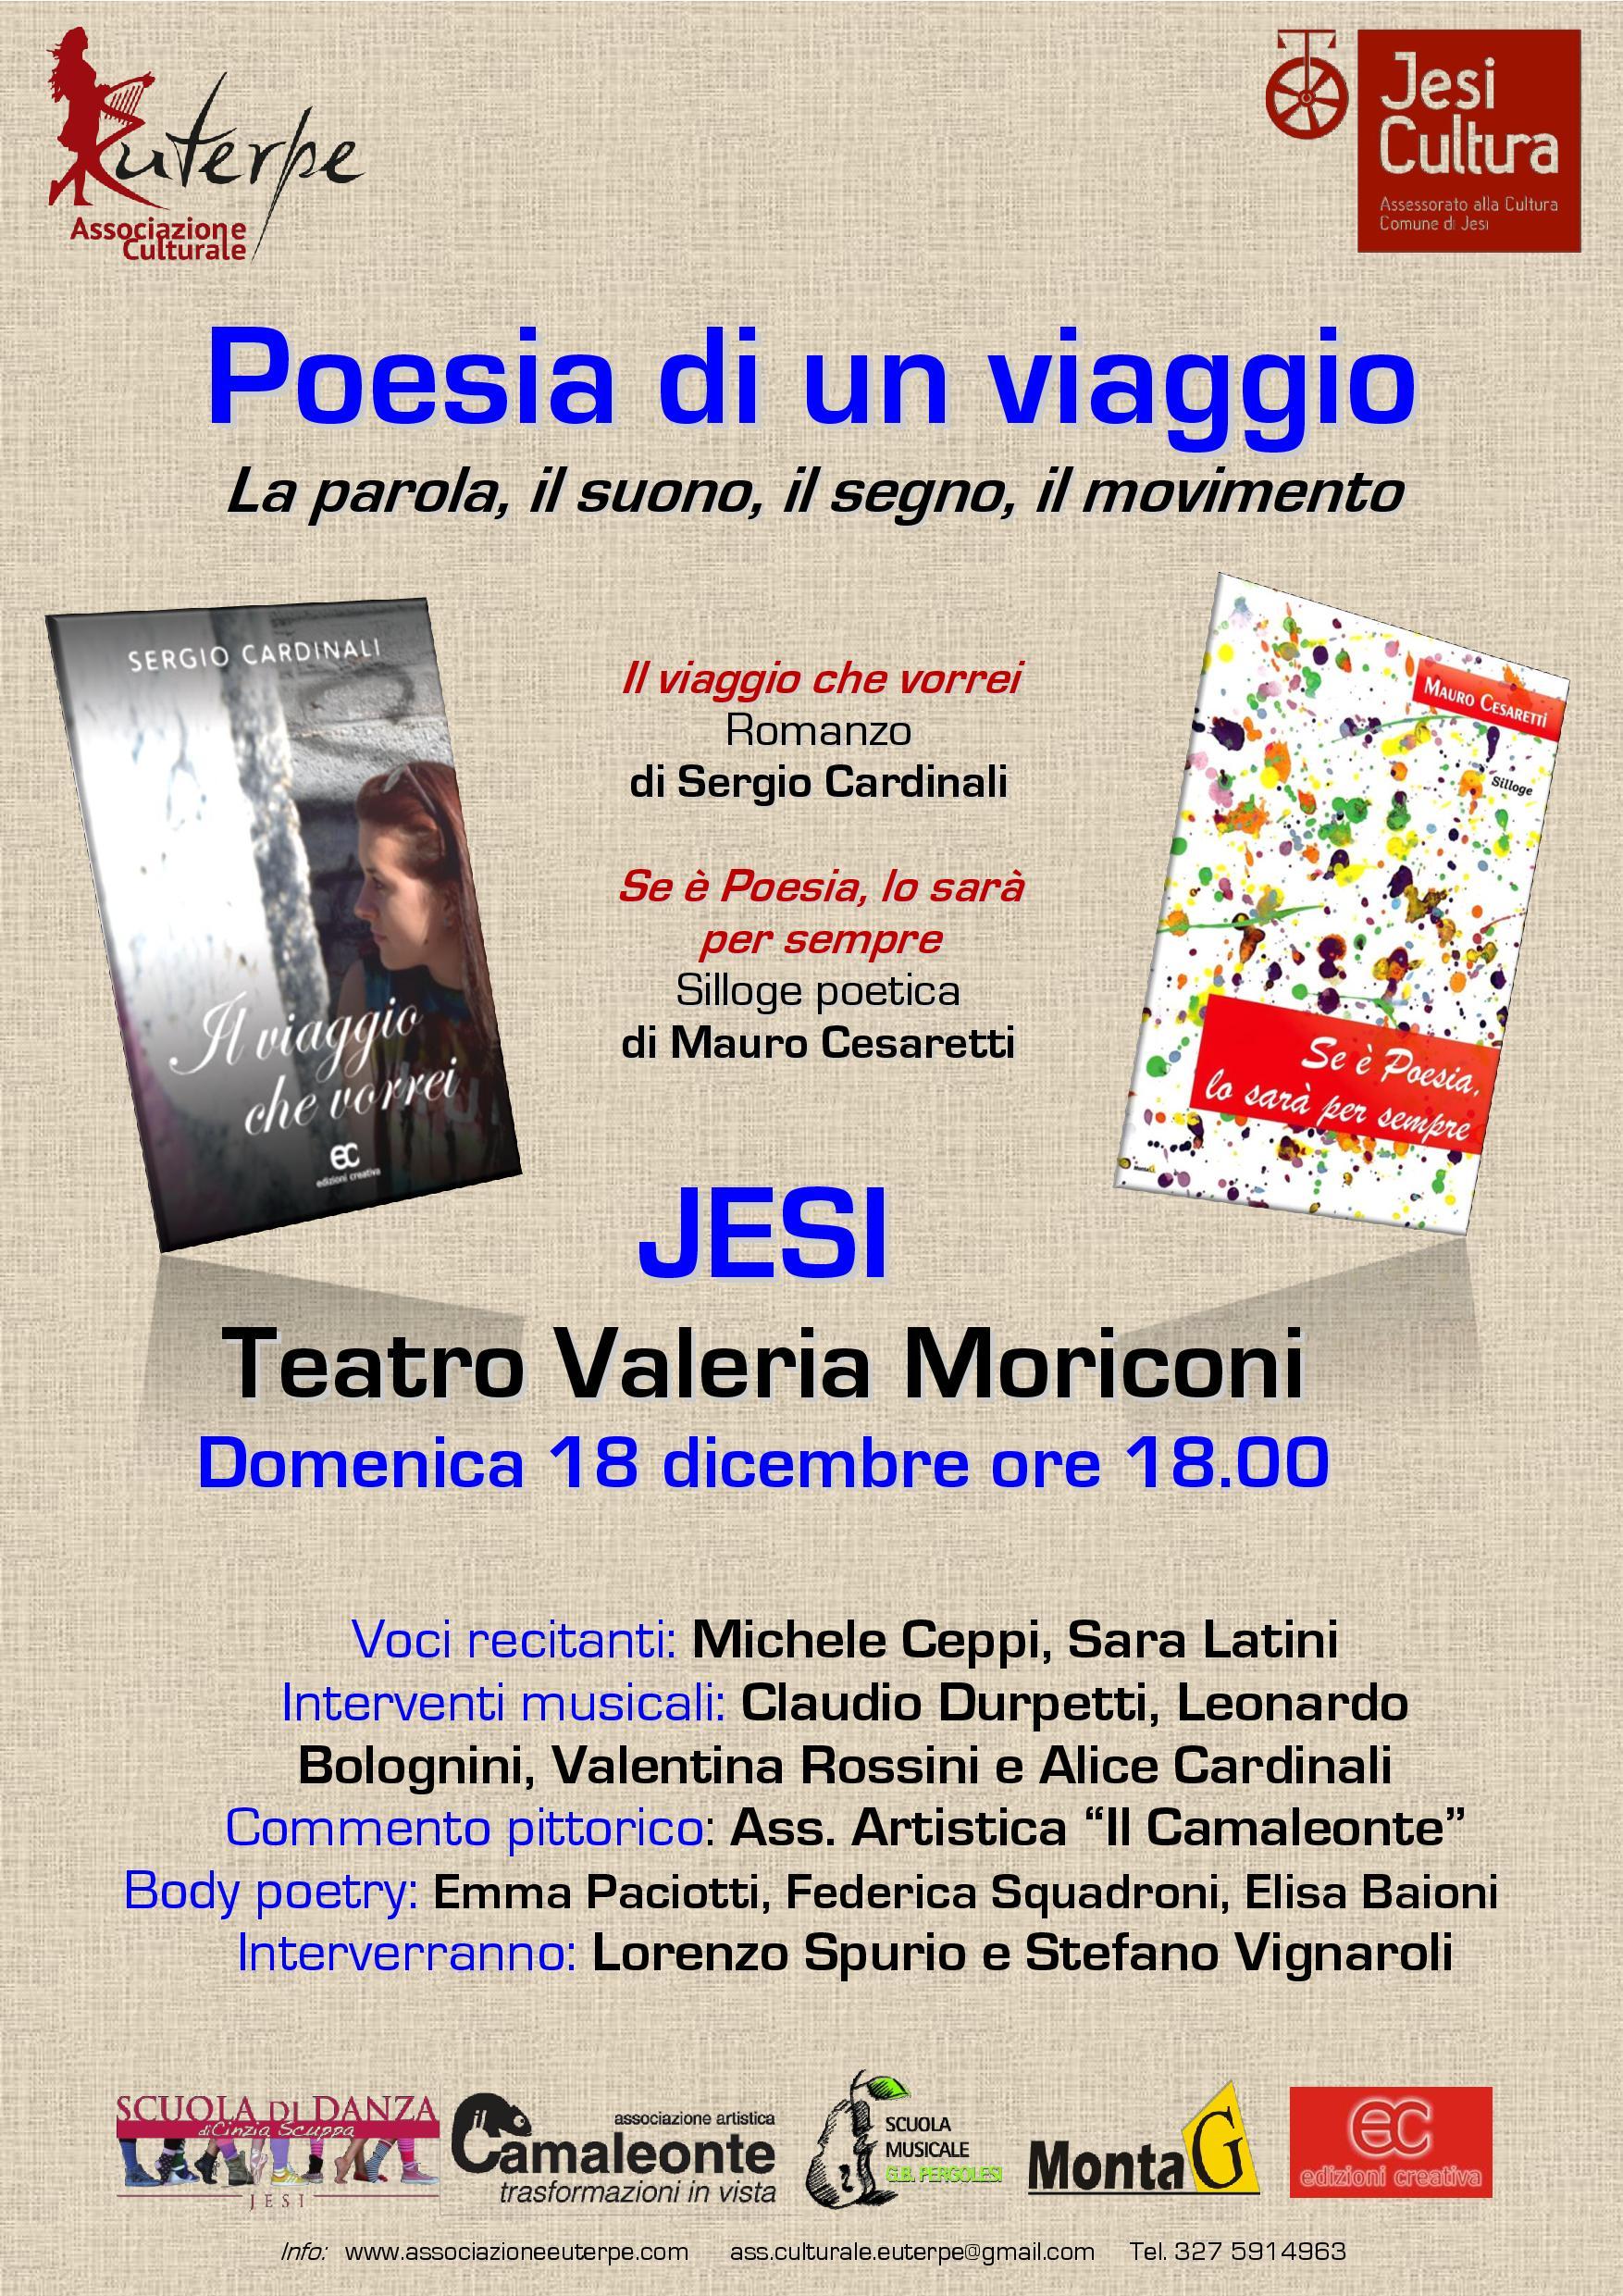 Poesia-di-un-viaggio-promo-page-001.jpg